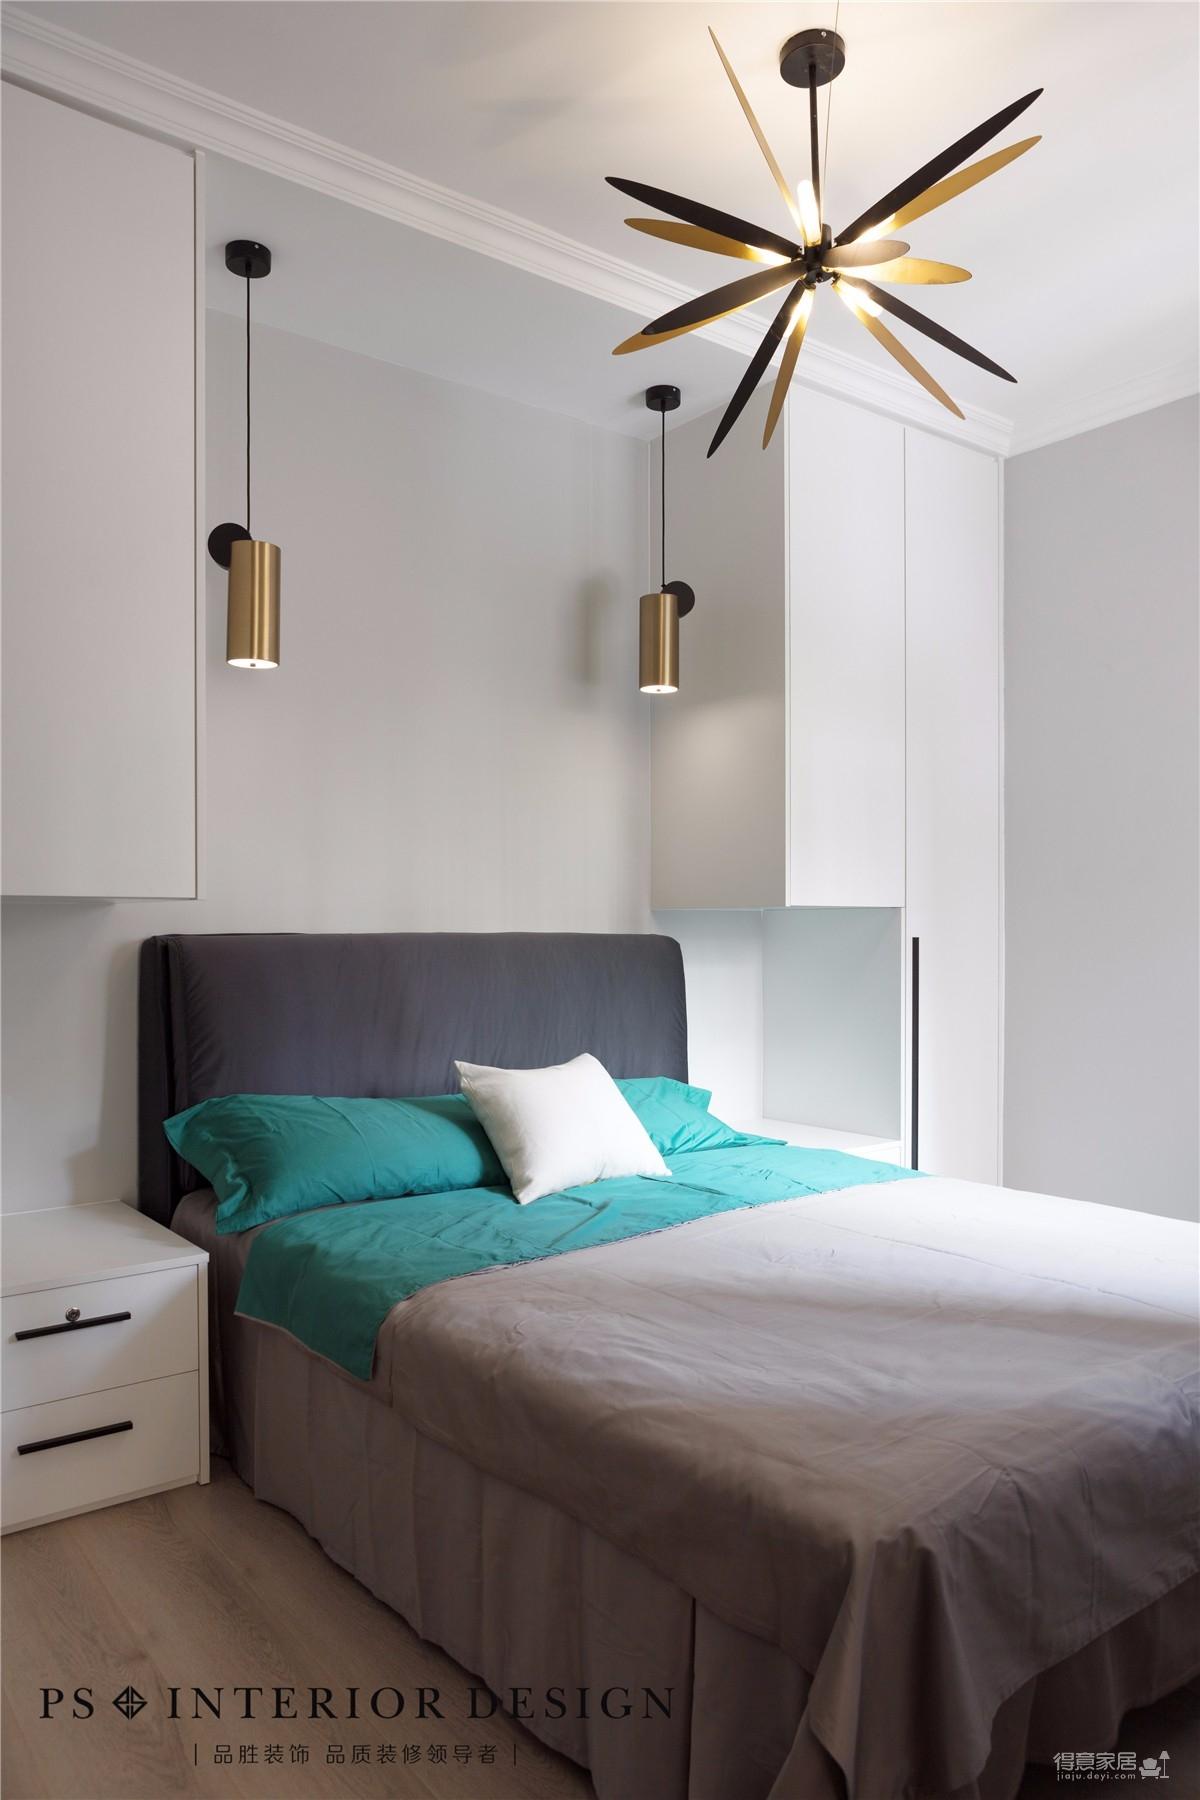 锦绣中北墨绿色的墙,两室两厅现代风图_6